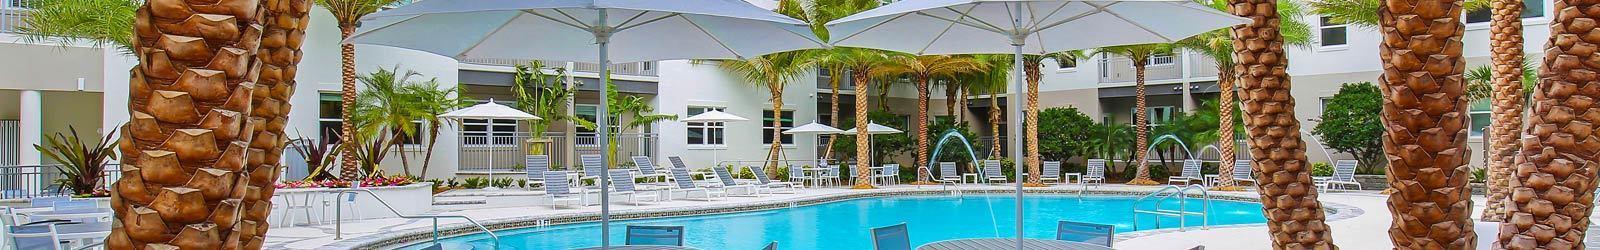 Photos of apartments in Sarasota